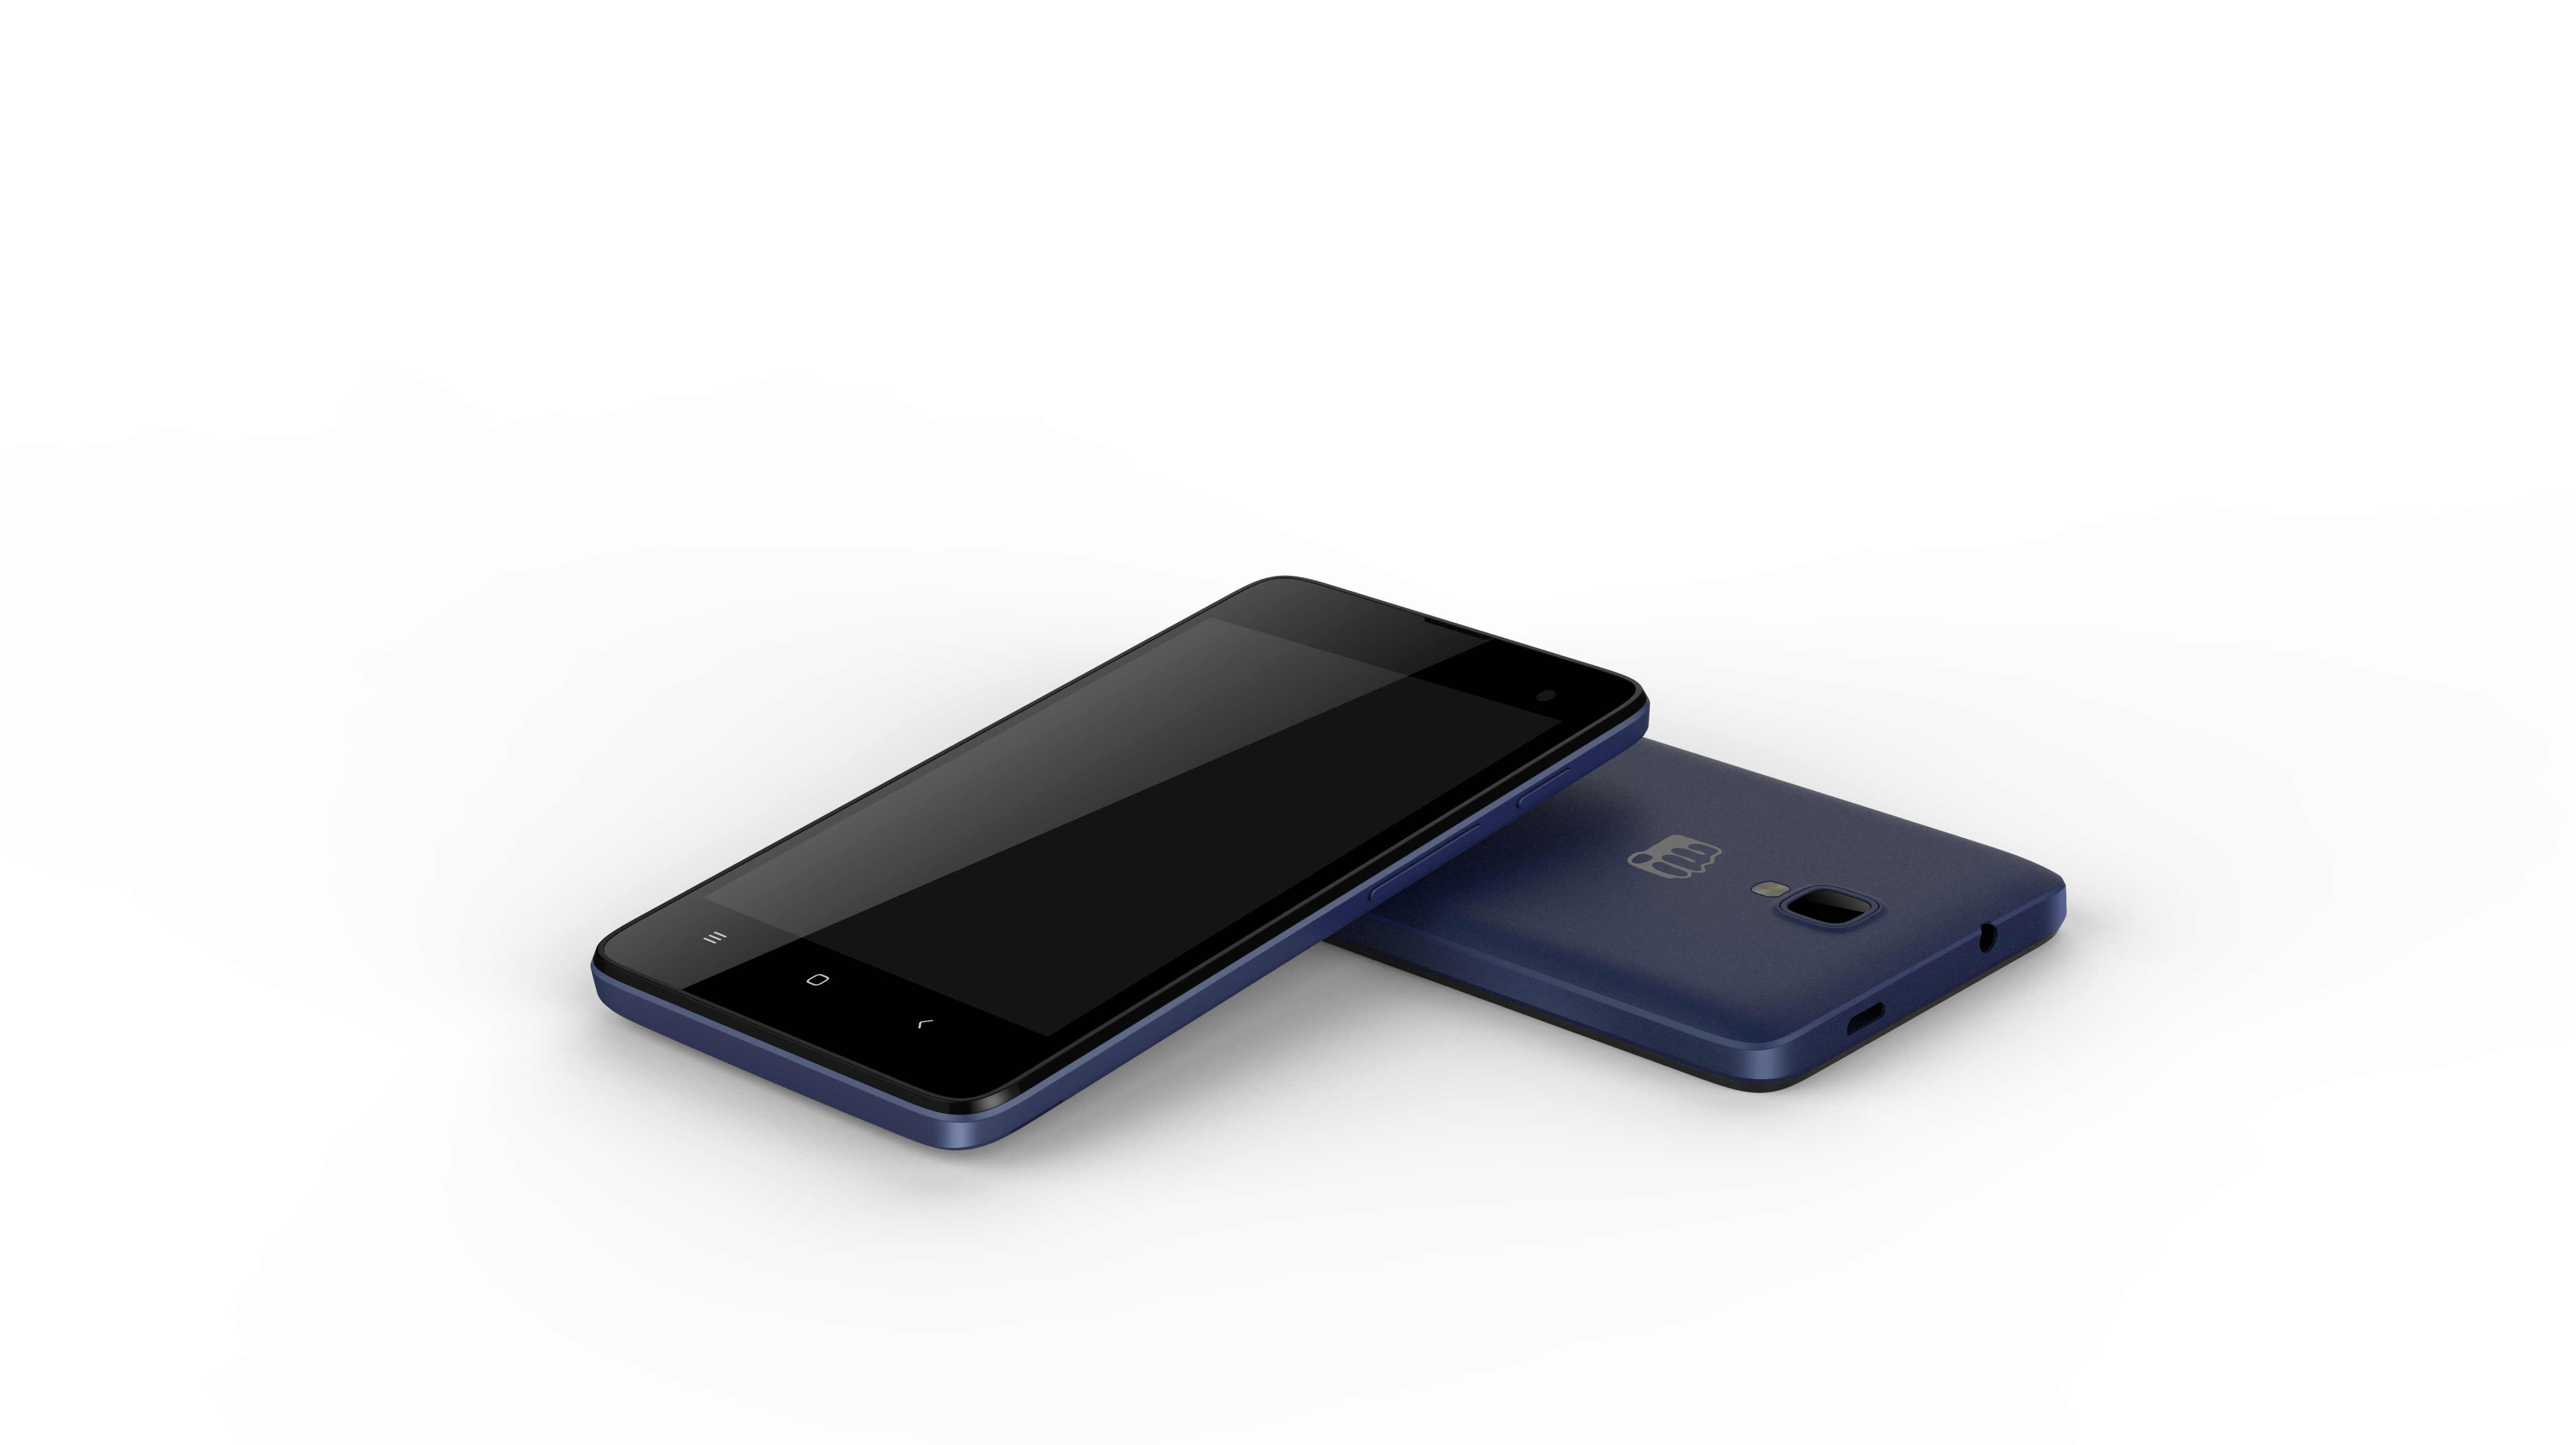 माइक्रोम्याक्सको क्यू ३२७ स्मार्टफोन बजारमा उपलब्ध